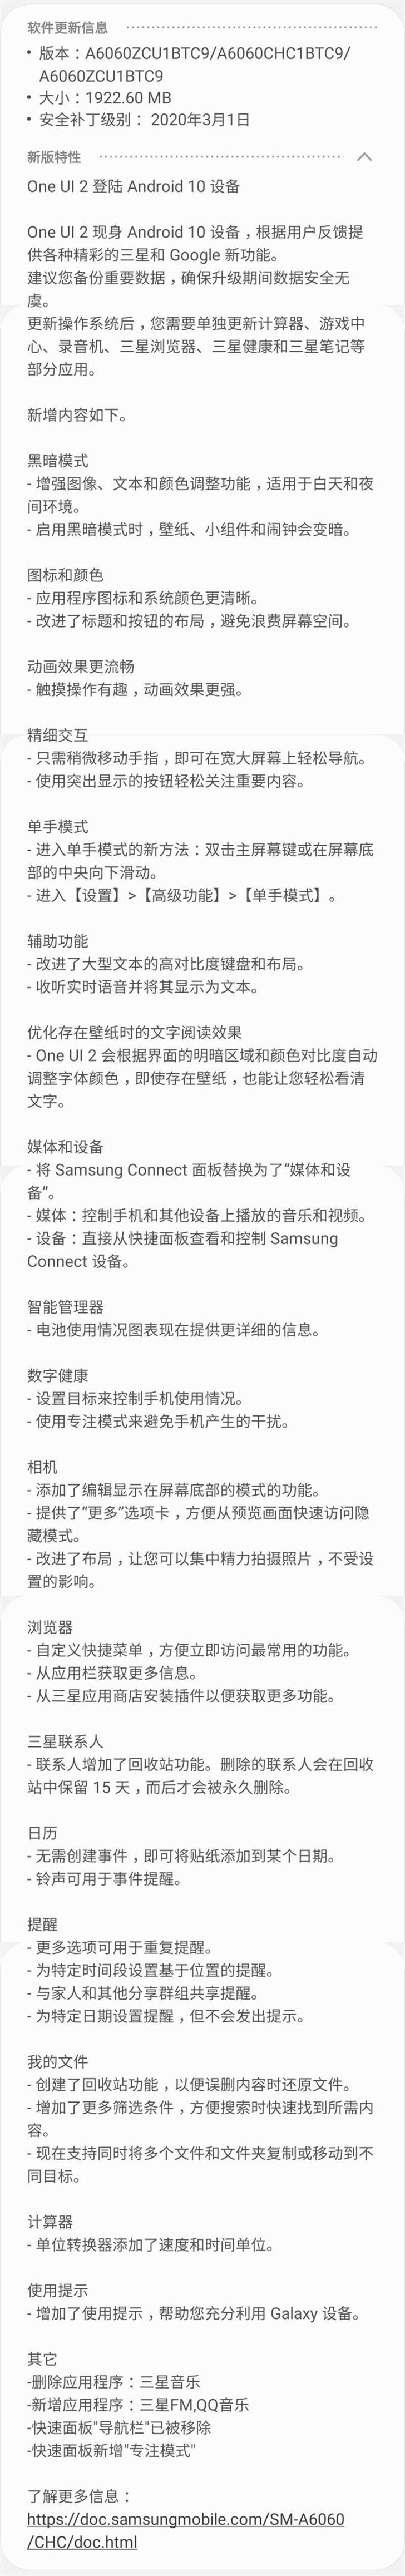 三星Galaxy A60元气版获One UI 2.0更新,Android 10终于来了